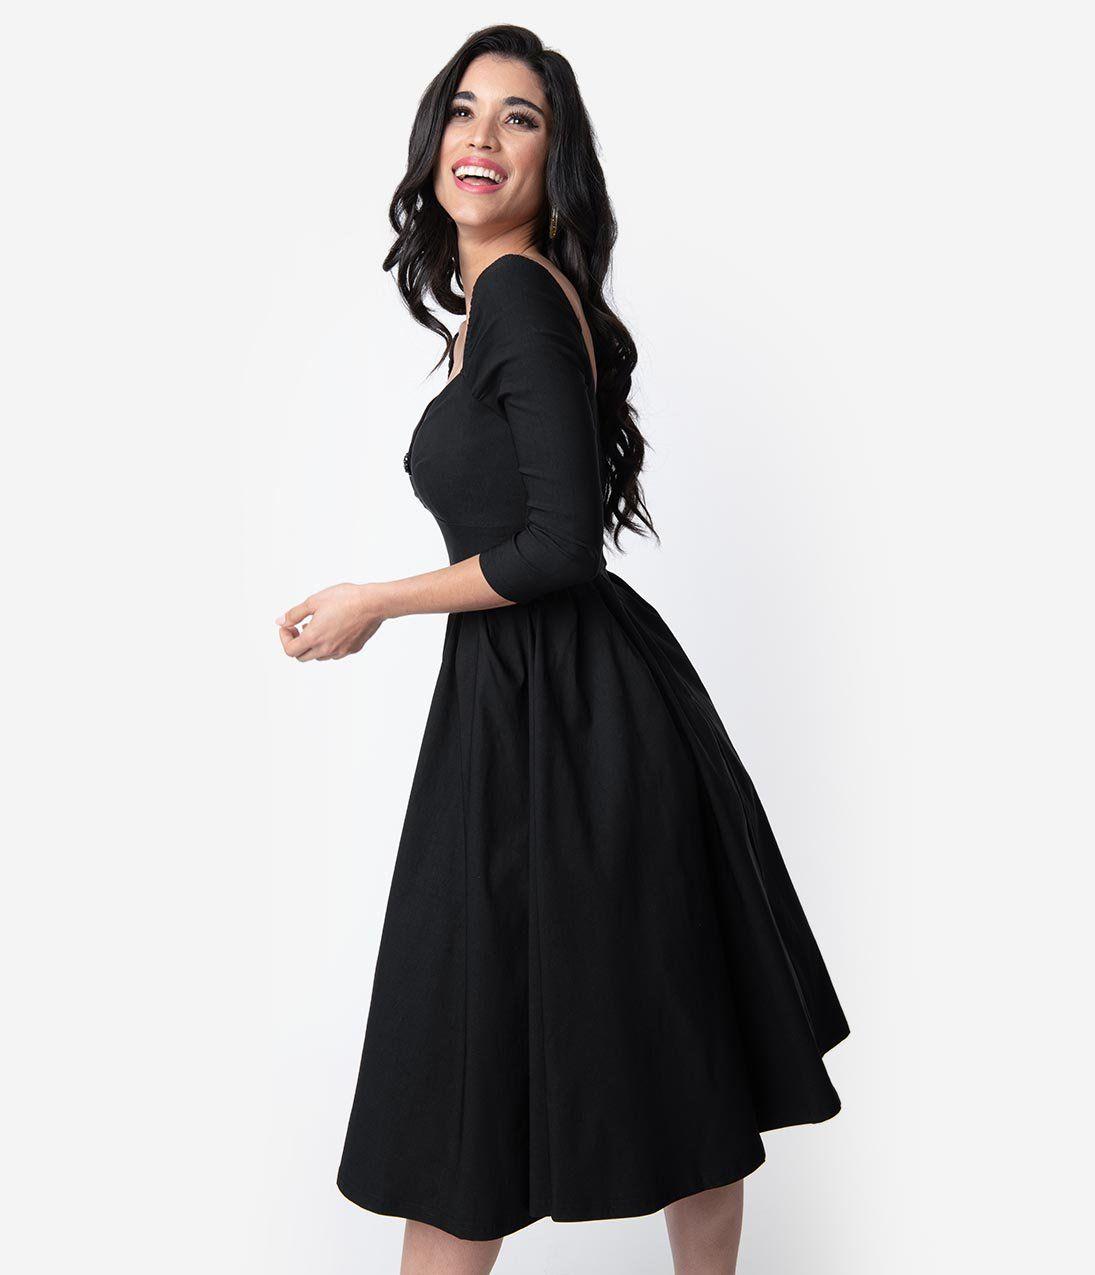 Unique Vintage 1950s Style Black Sweetheart Lamar Swing Dress Vintage Black Dress Vintage 1950s Dresses Parties Vintage 1950s Dresses [ 1275 x 1095 Pixel ]